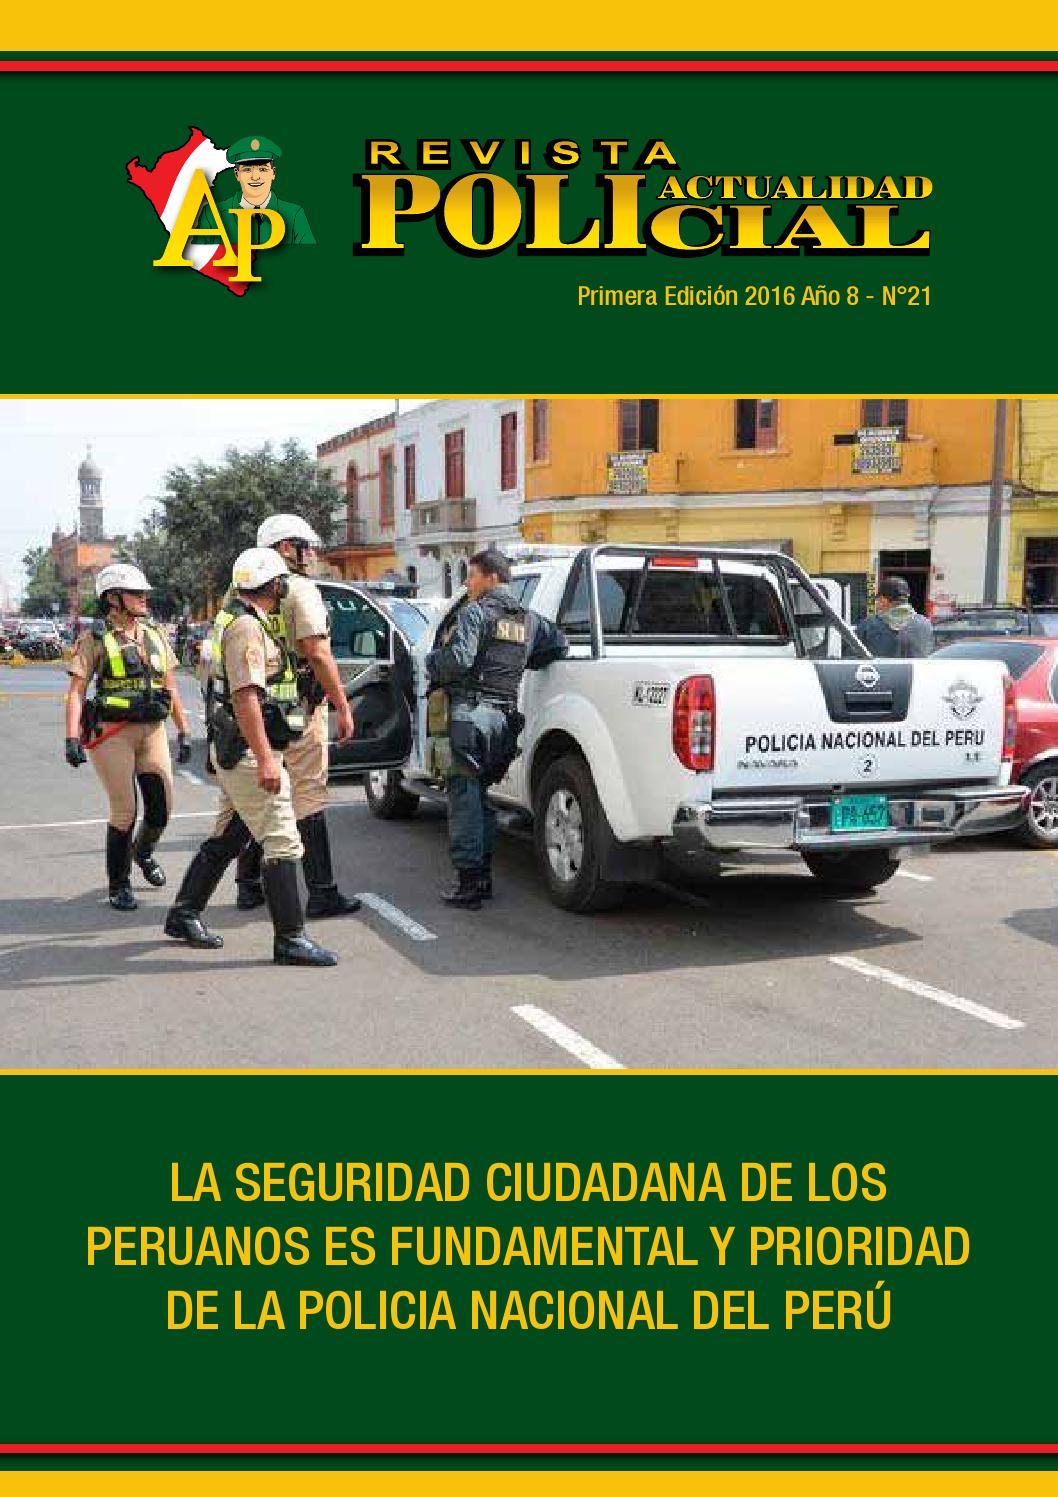 Revista actualidad policial 2016 1ra edici n by for Logo del ministerio del interior peru